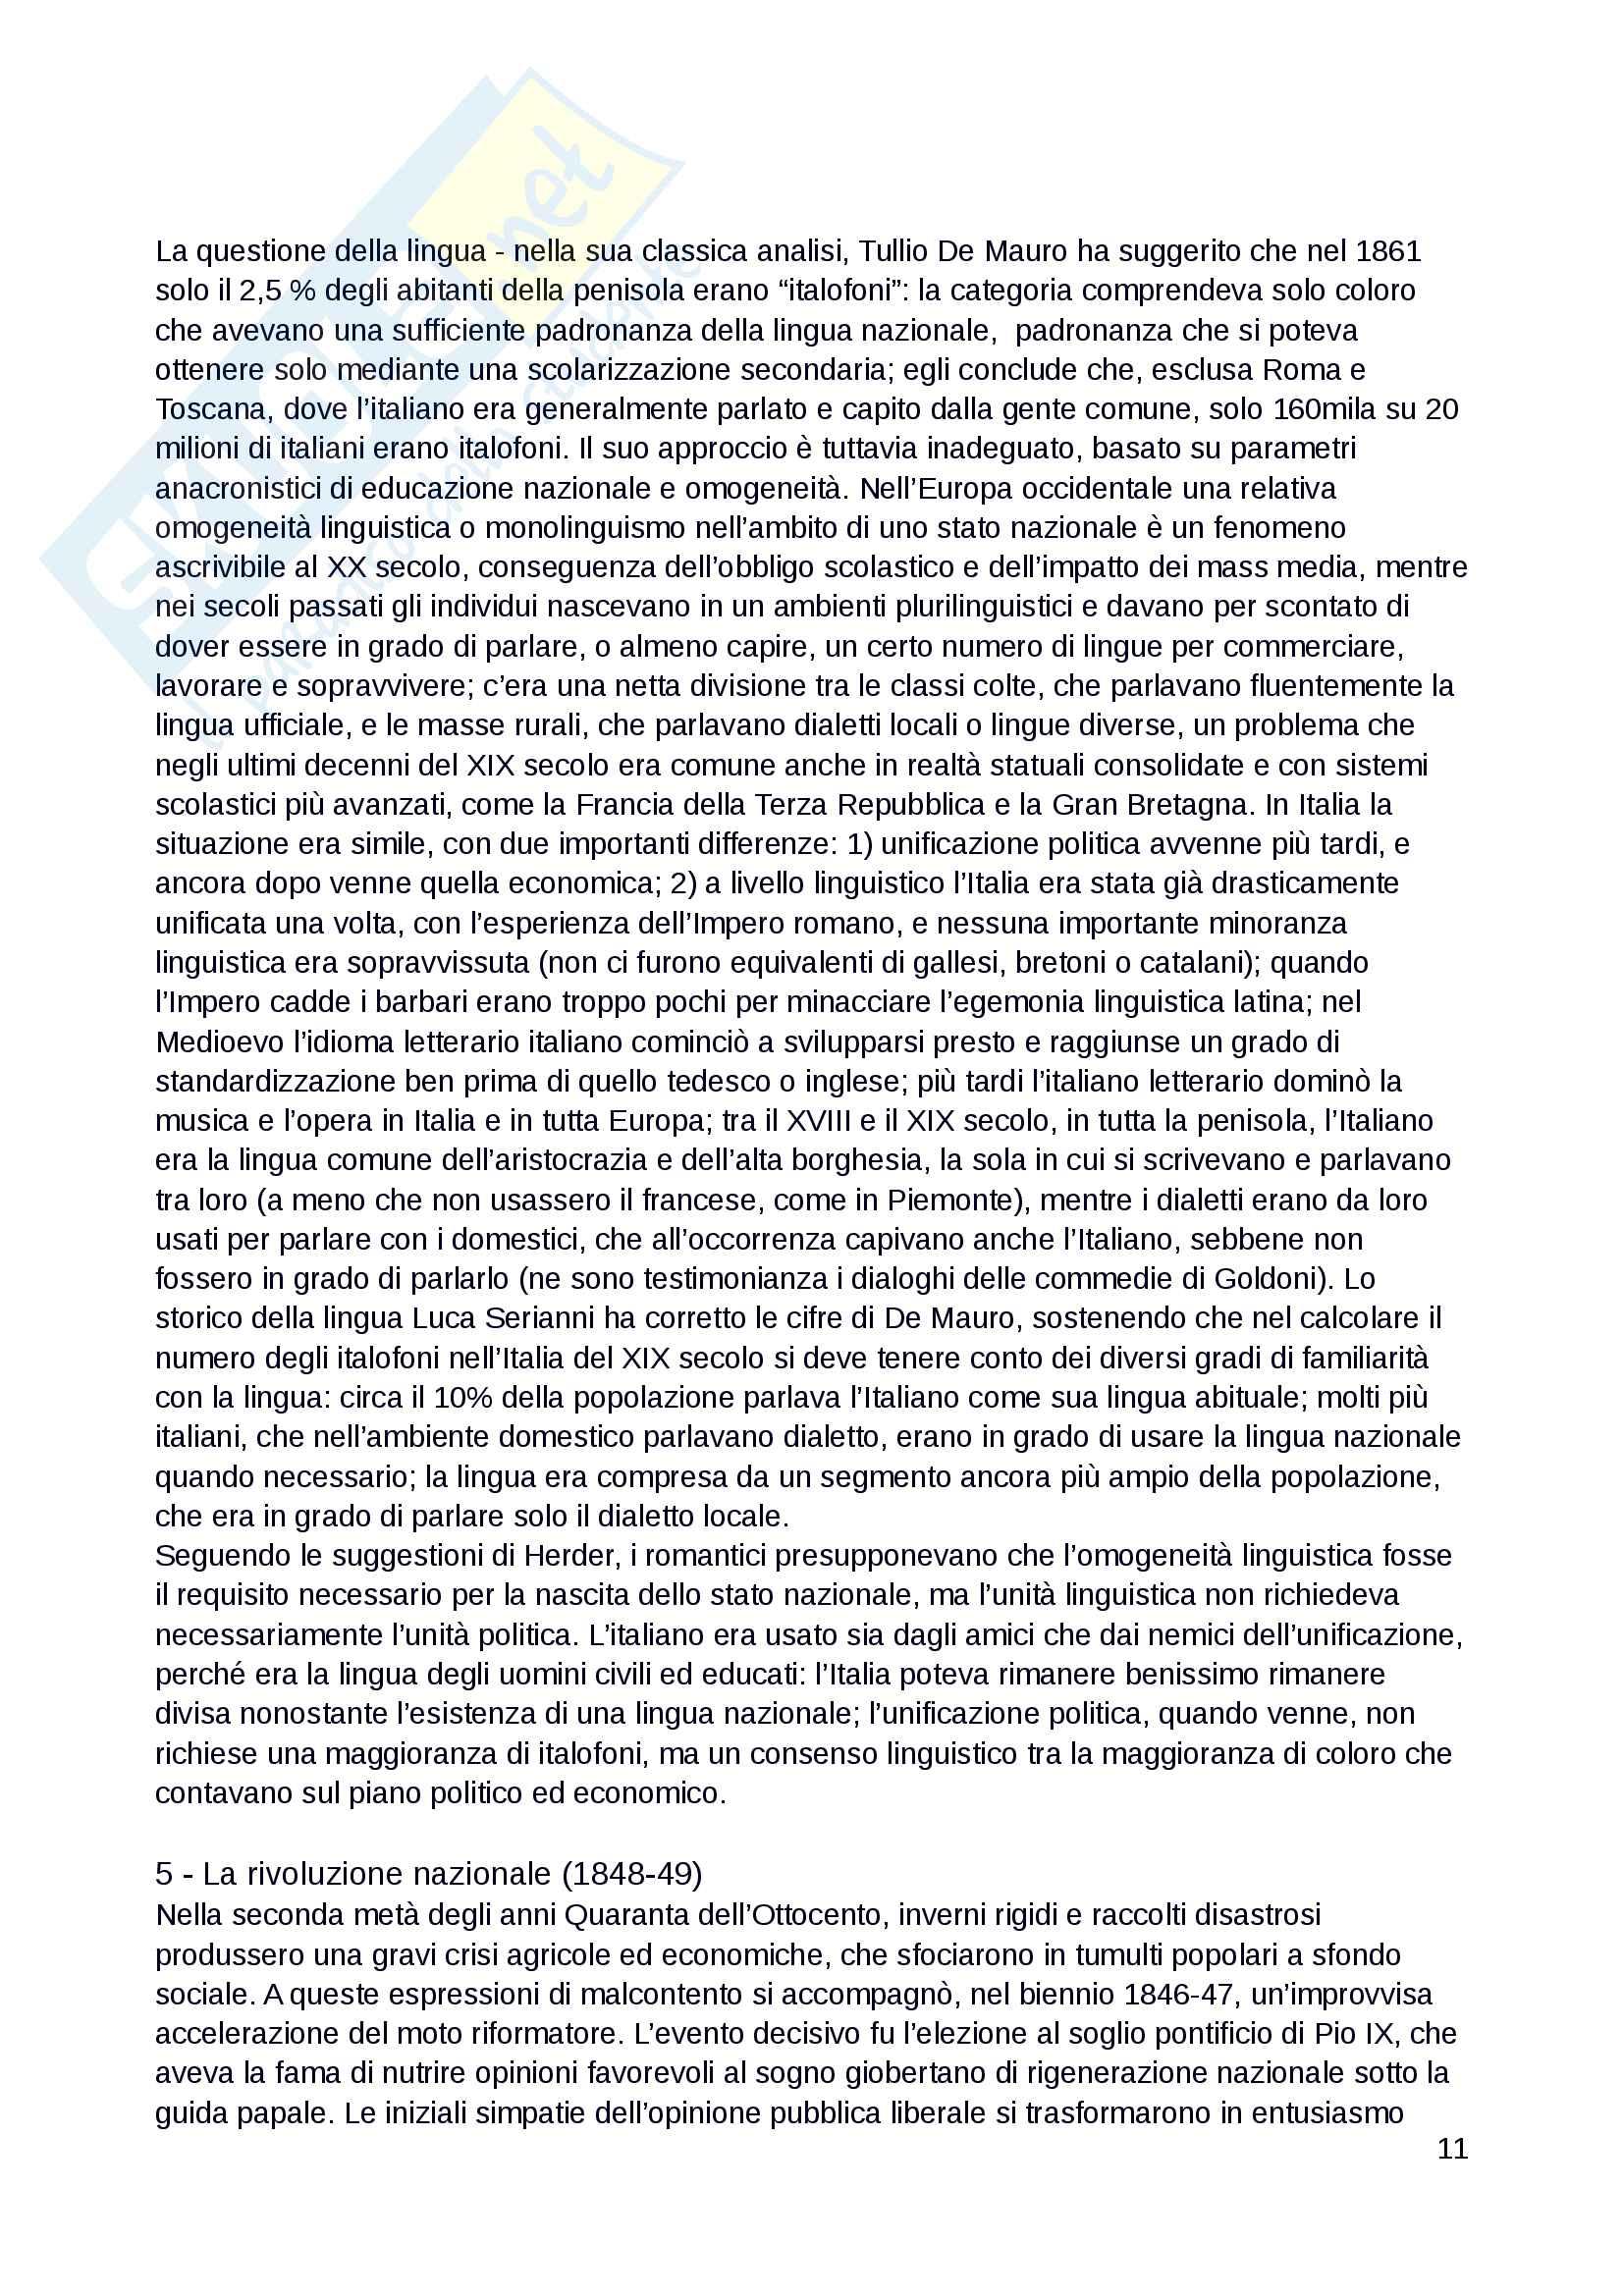 """Riassunto esame dell'esame di Storia del Risorgimento, docente Falco, libro consigliato: """"Il Risorgimento e l'unificazione dell'Italia"""", Beales, Biagini Pag. 11"""